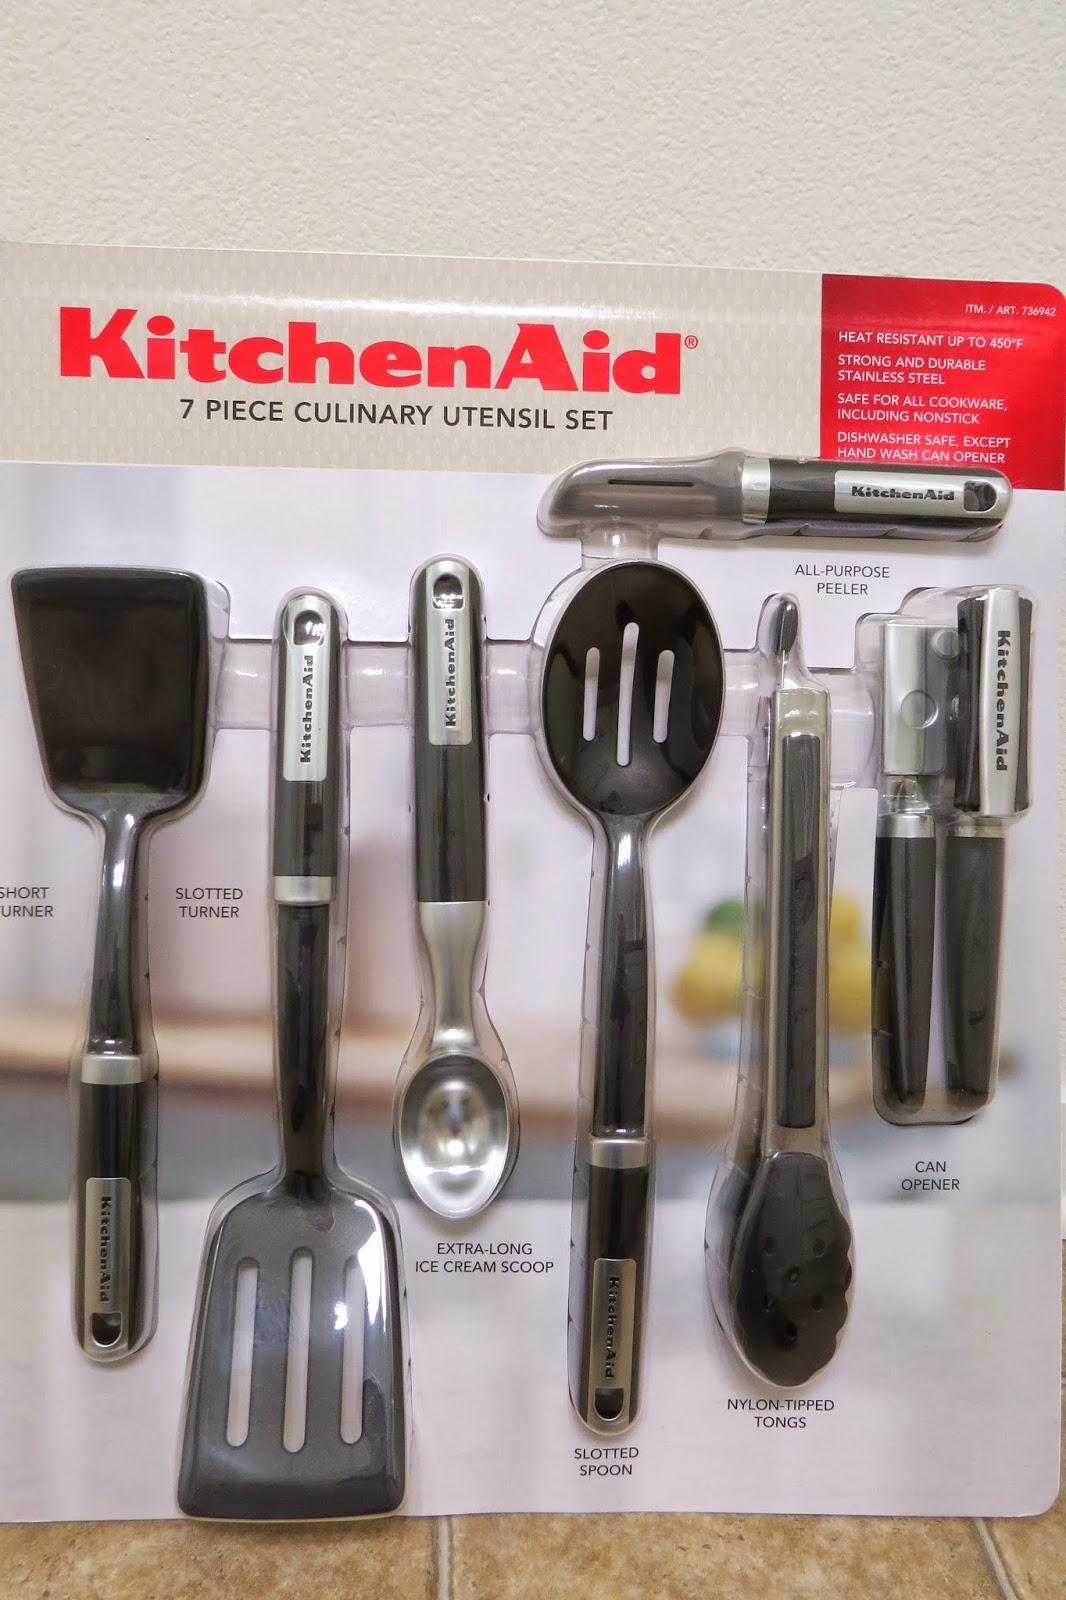 Costco Haul KitchenAid